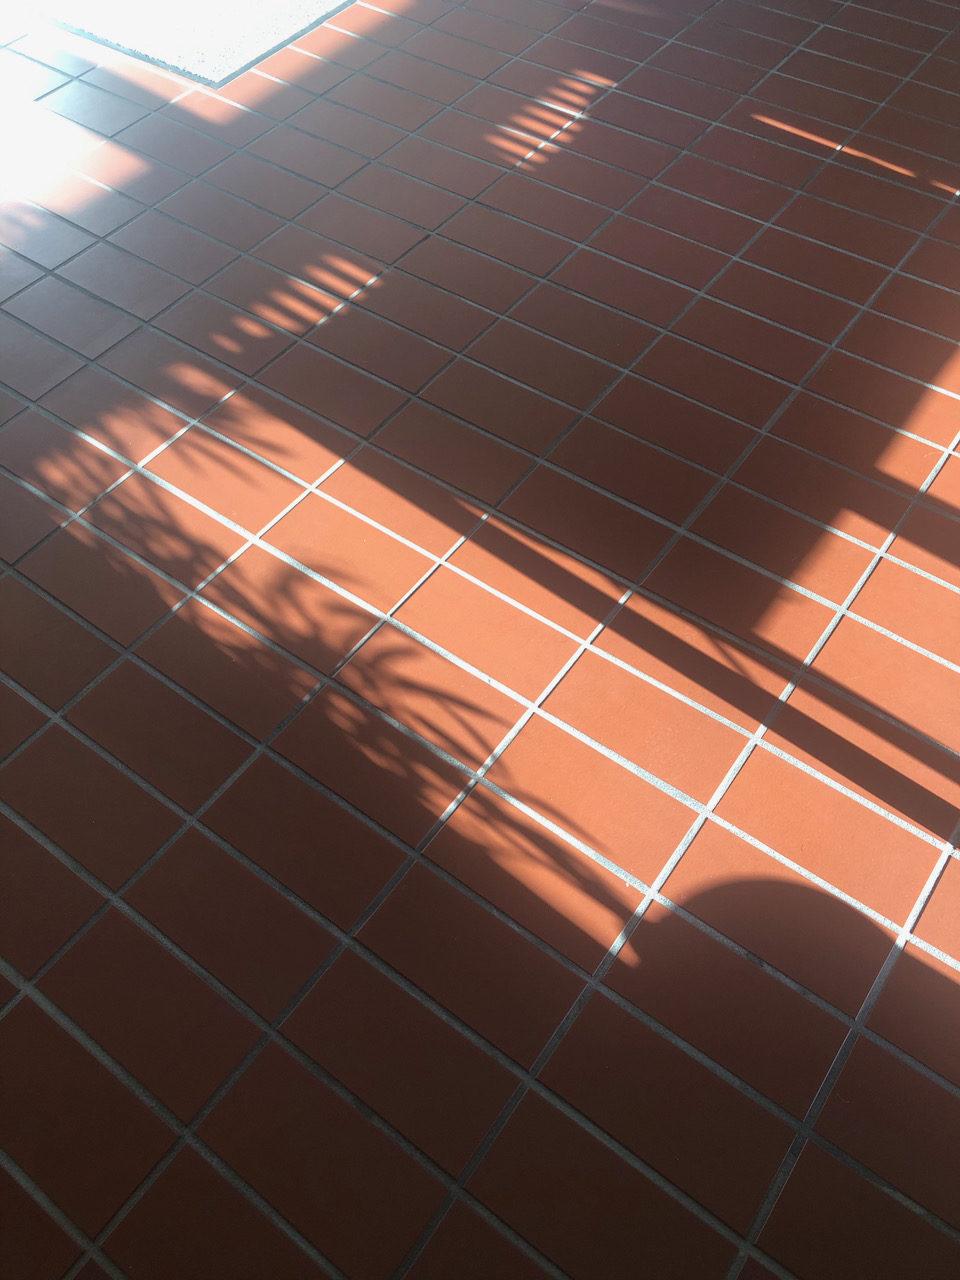 Coronawoche 59 (April vorbei)- Freitagszeuch